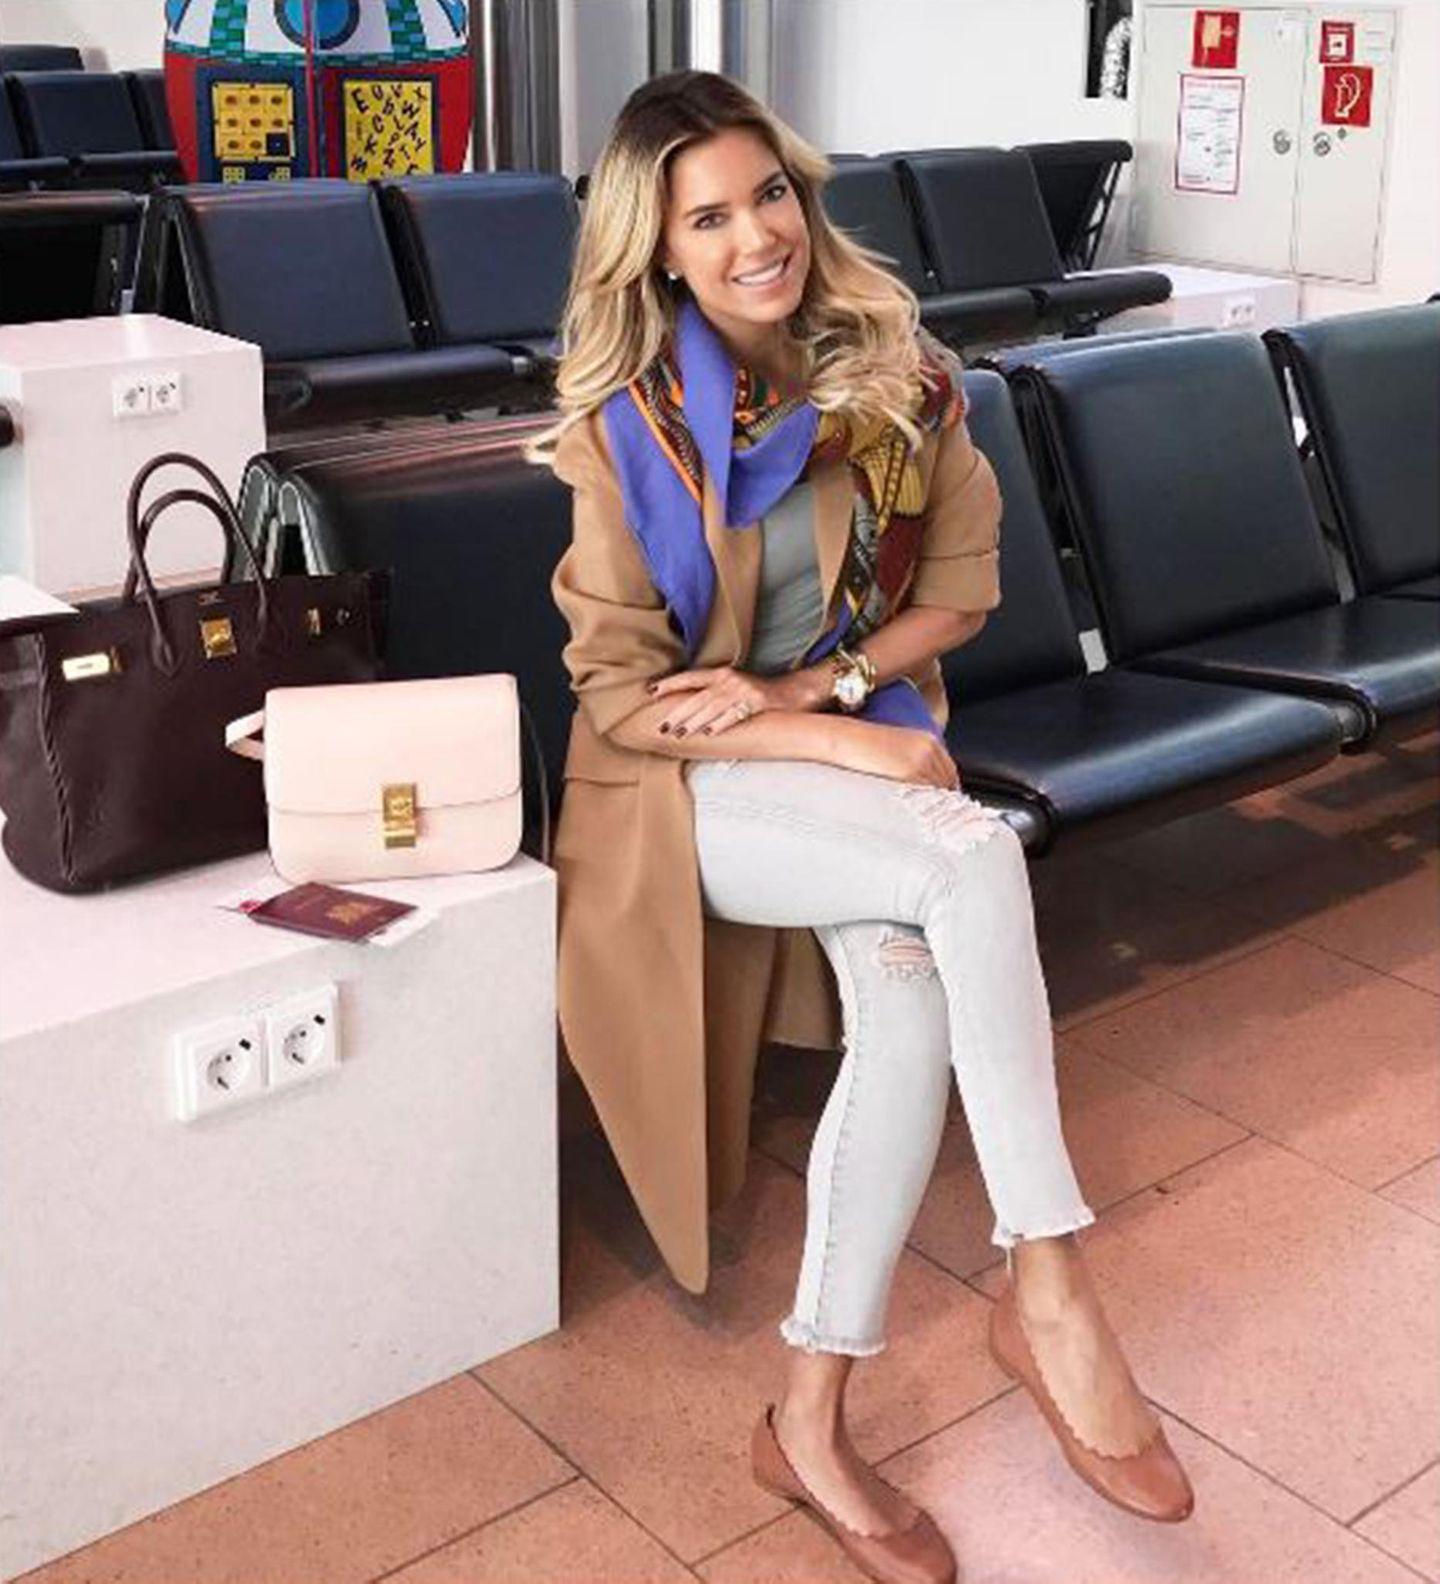 Eleganz am Airport. So könnte man dieses Foto von Sylvie Meis wohl am allerbesten beschreiben. Die Moderatorin reist stets sehr stilvoll.